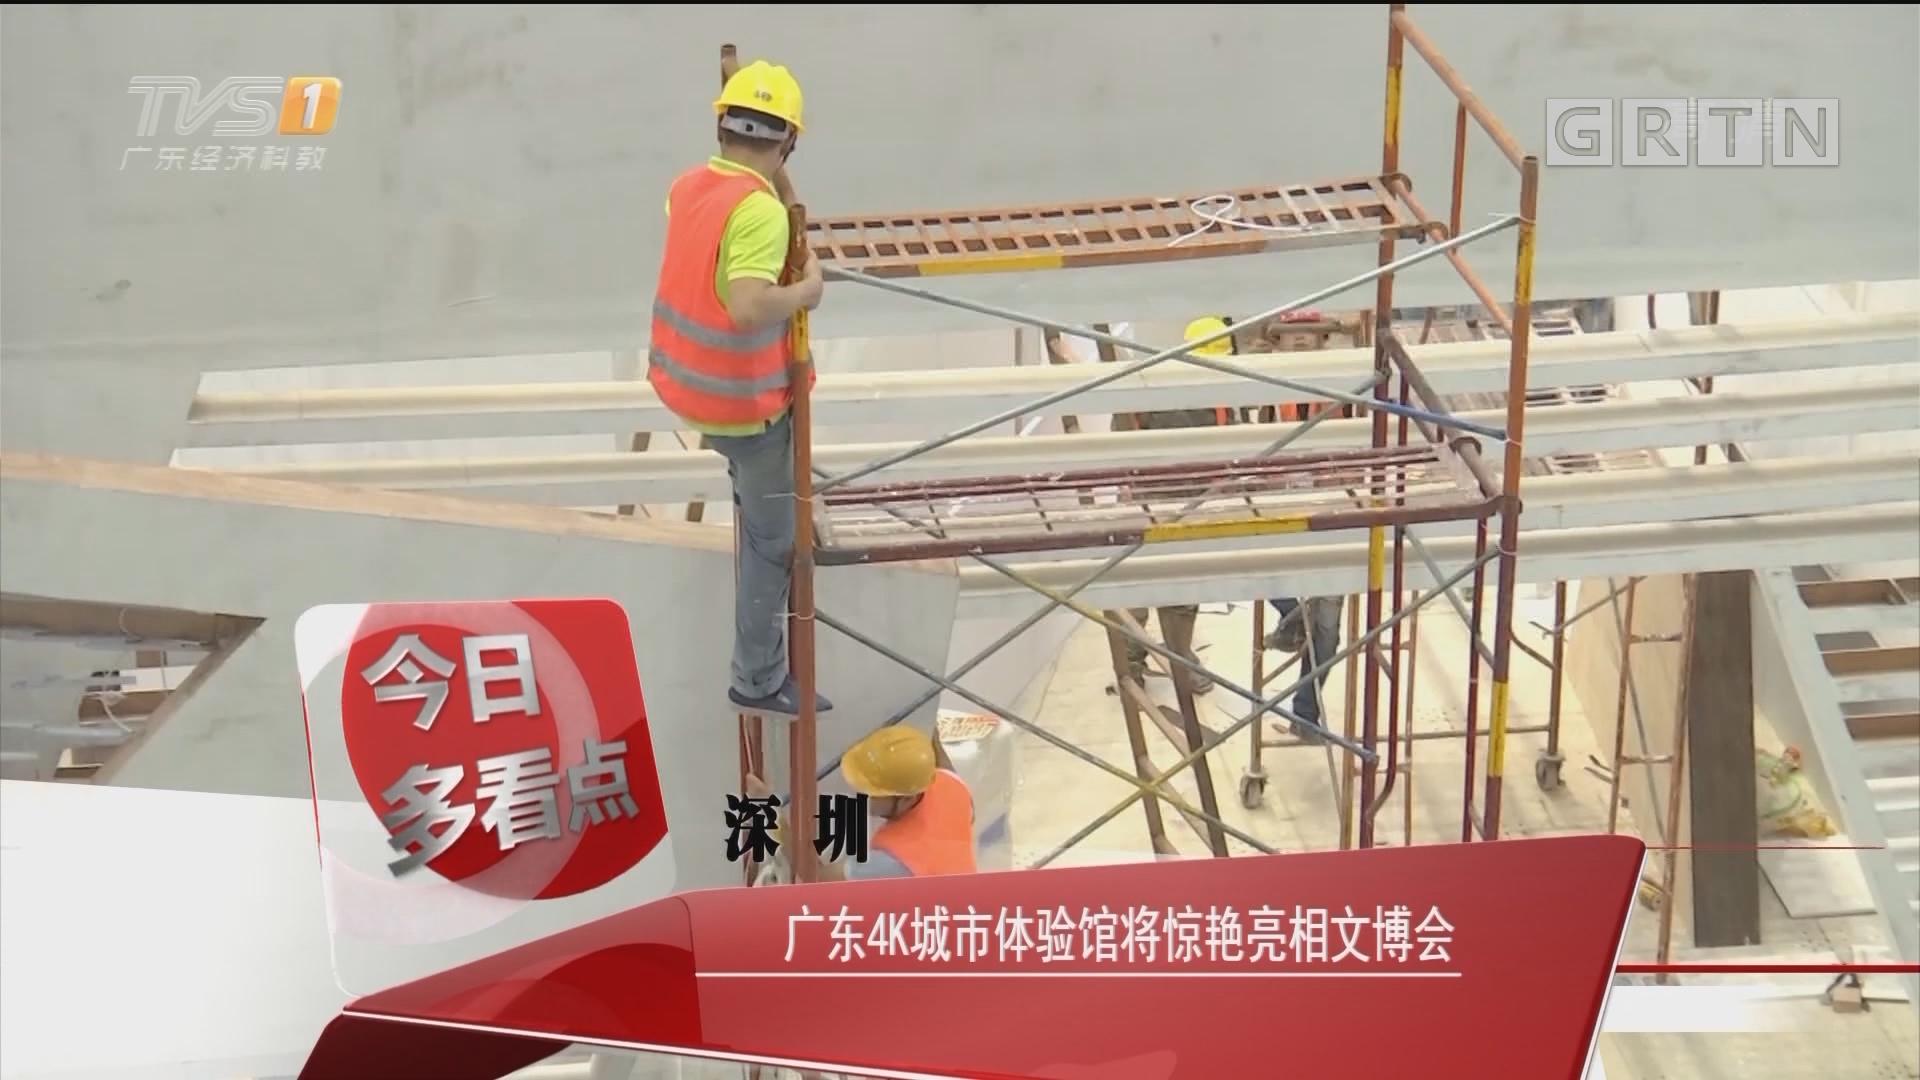 深圳:广东4K城市体验馆将惊艳亮相文博会